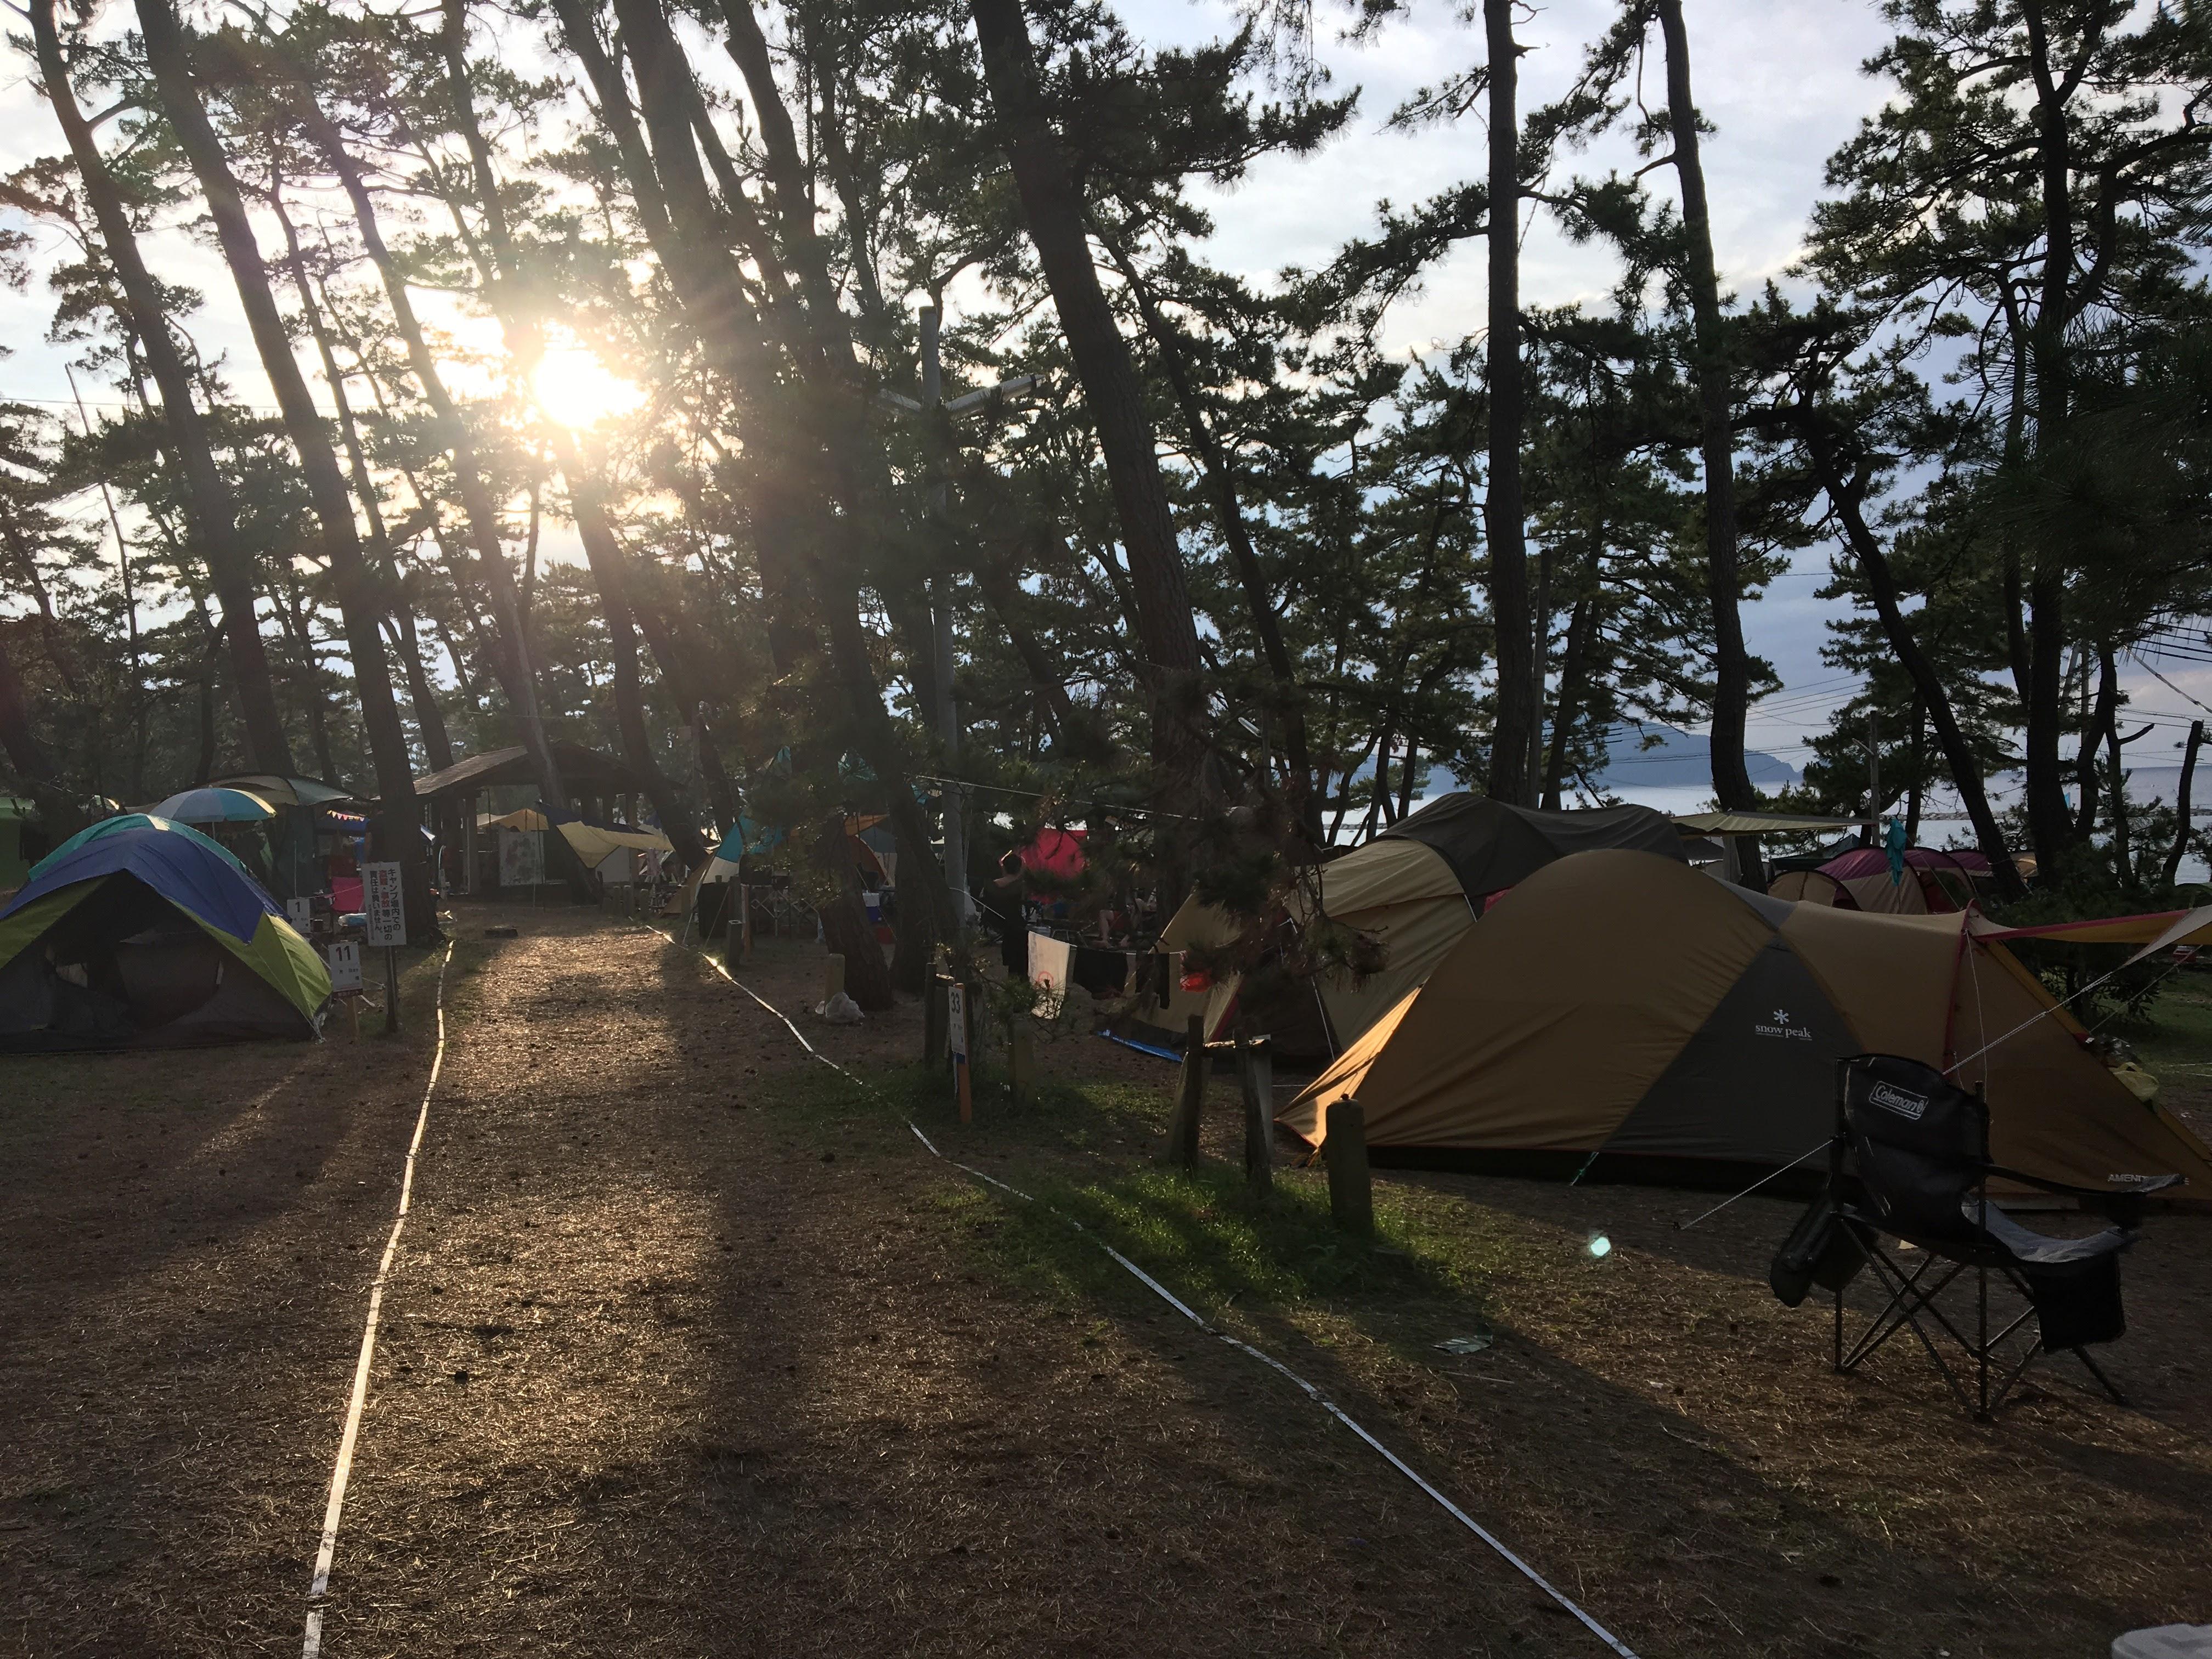 若狭和田キャンプ場。海水浴&ファミリーフィシング(キス釣り)&BBQの詰め込みキャンプ!